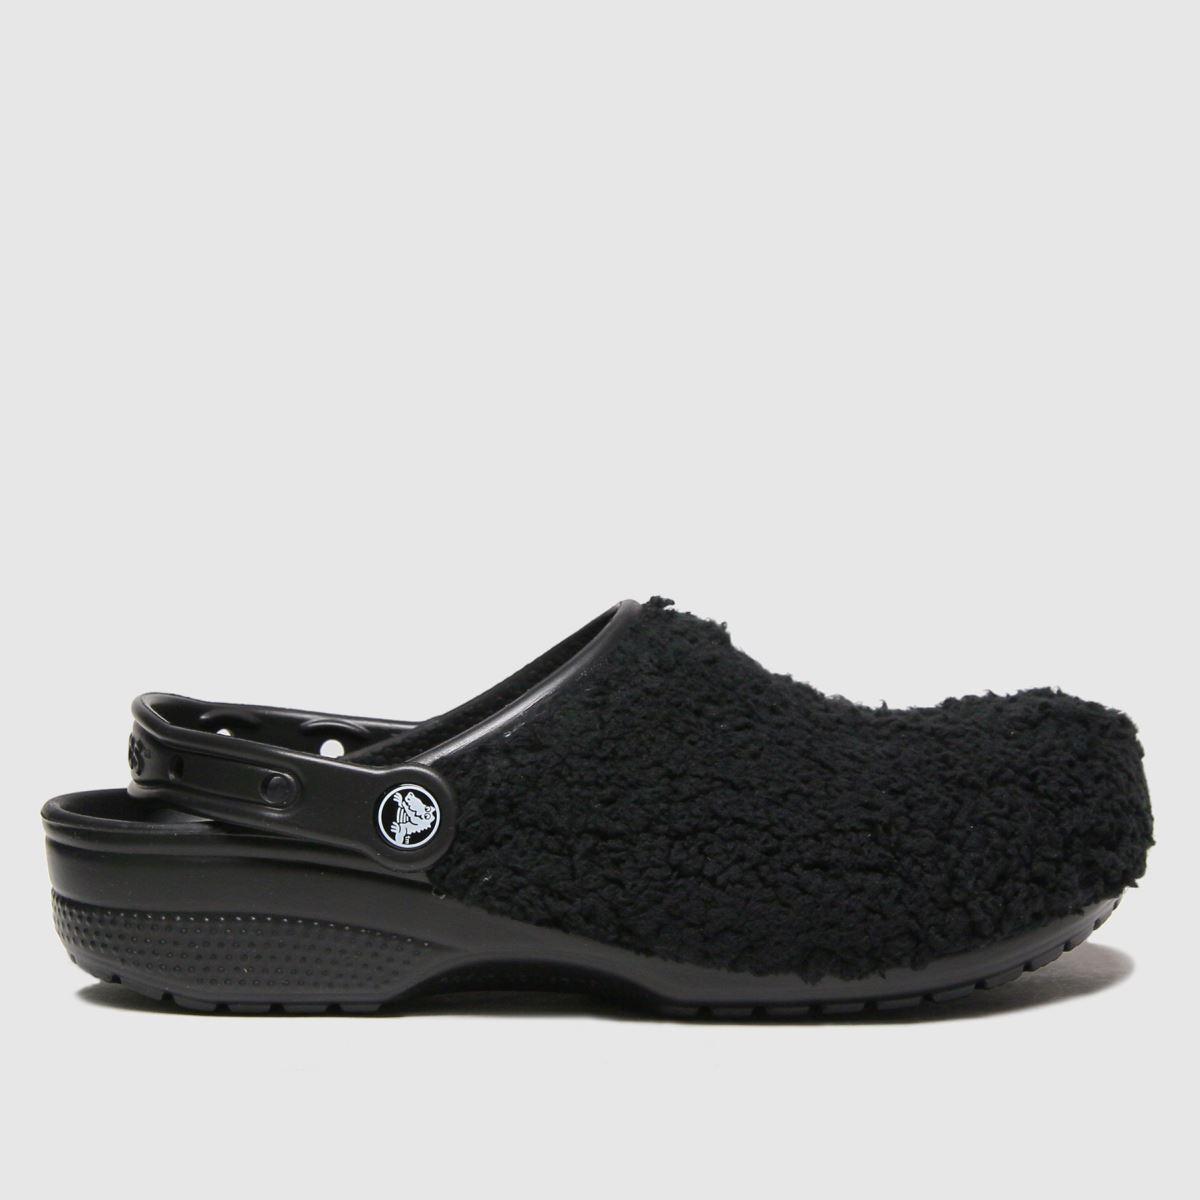 Crocs Crocs Black Classic Fuz Mania Sandals